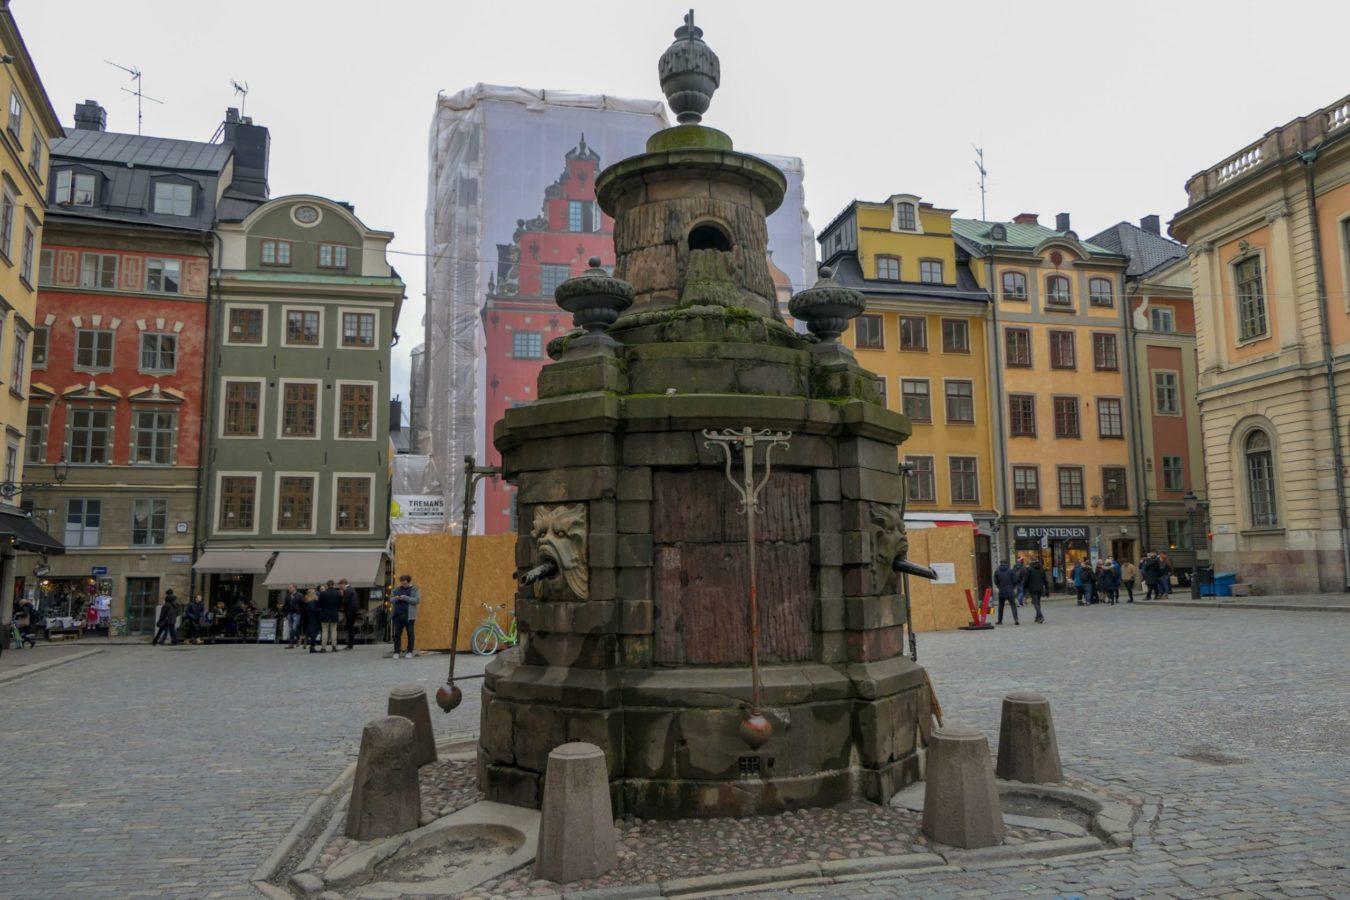 Stockholm Schweden Gamla Stan Stadsholmen Altstadt Stortorget Brunnen